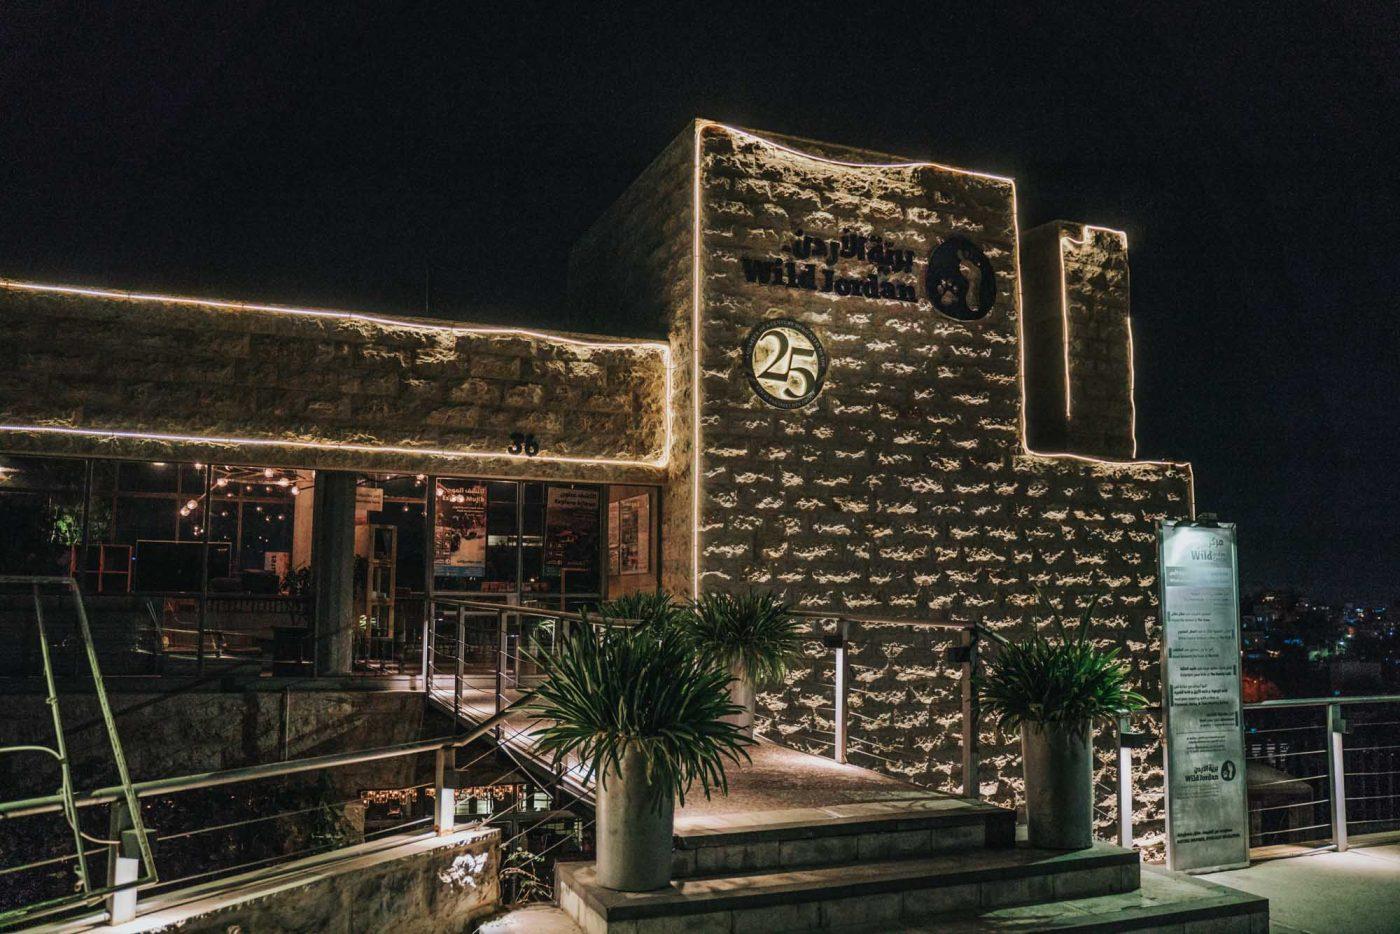 Places to visit in Jordan: Wild Jordan Center, Amman